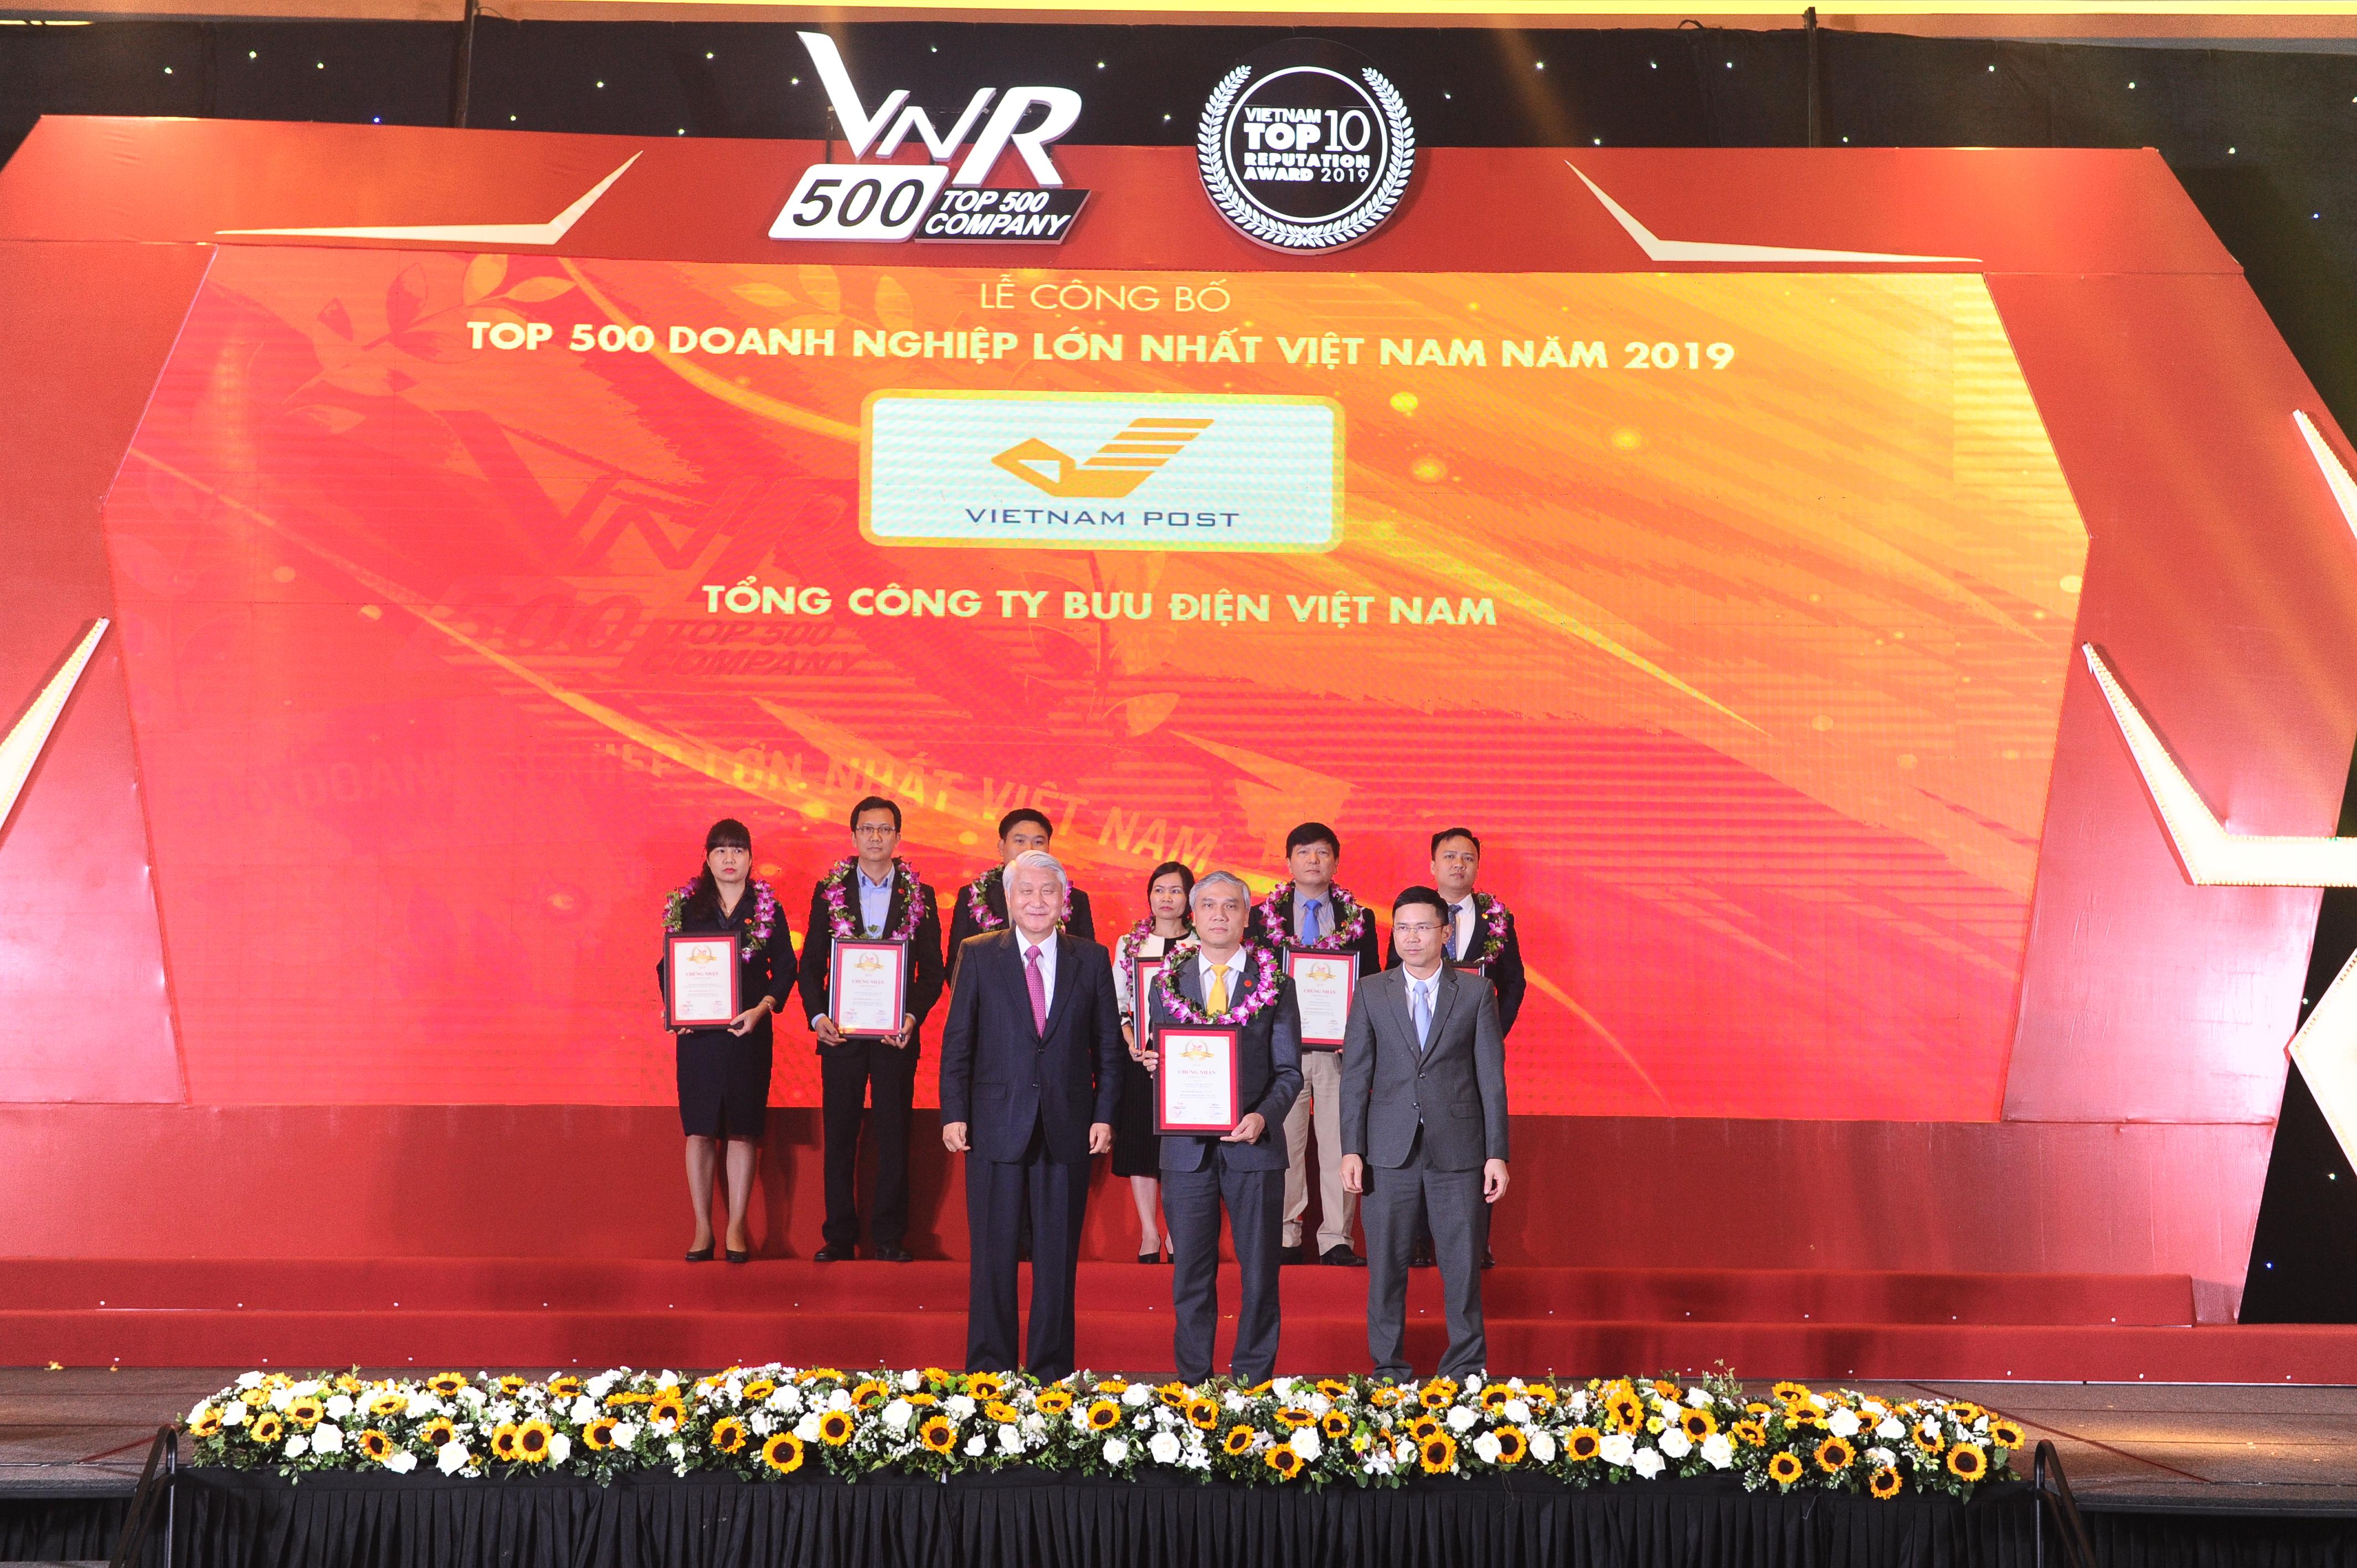 Bưu điện Việt Nam thắng lớn tại sự kiện Lễ công bố VNR500